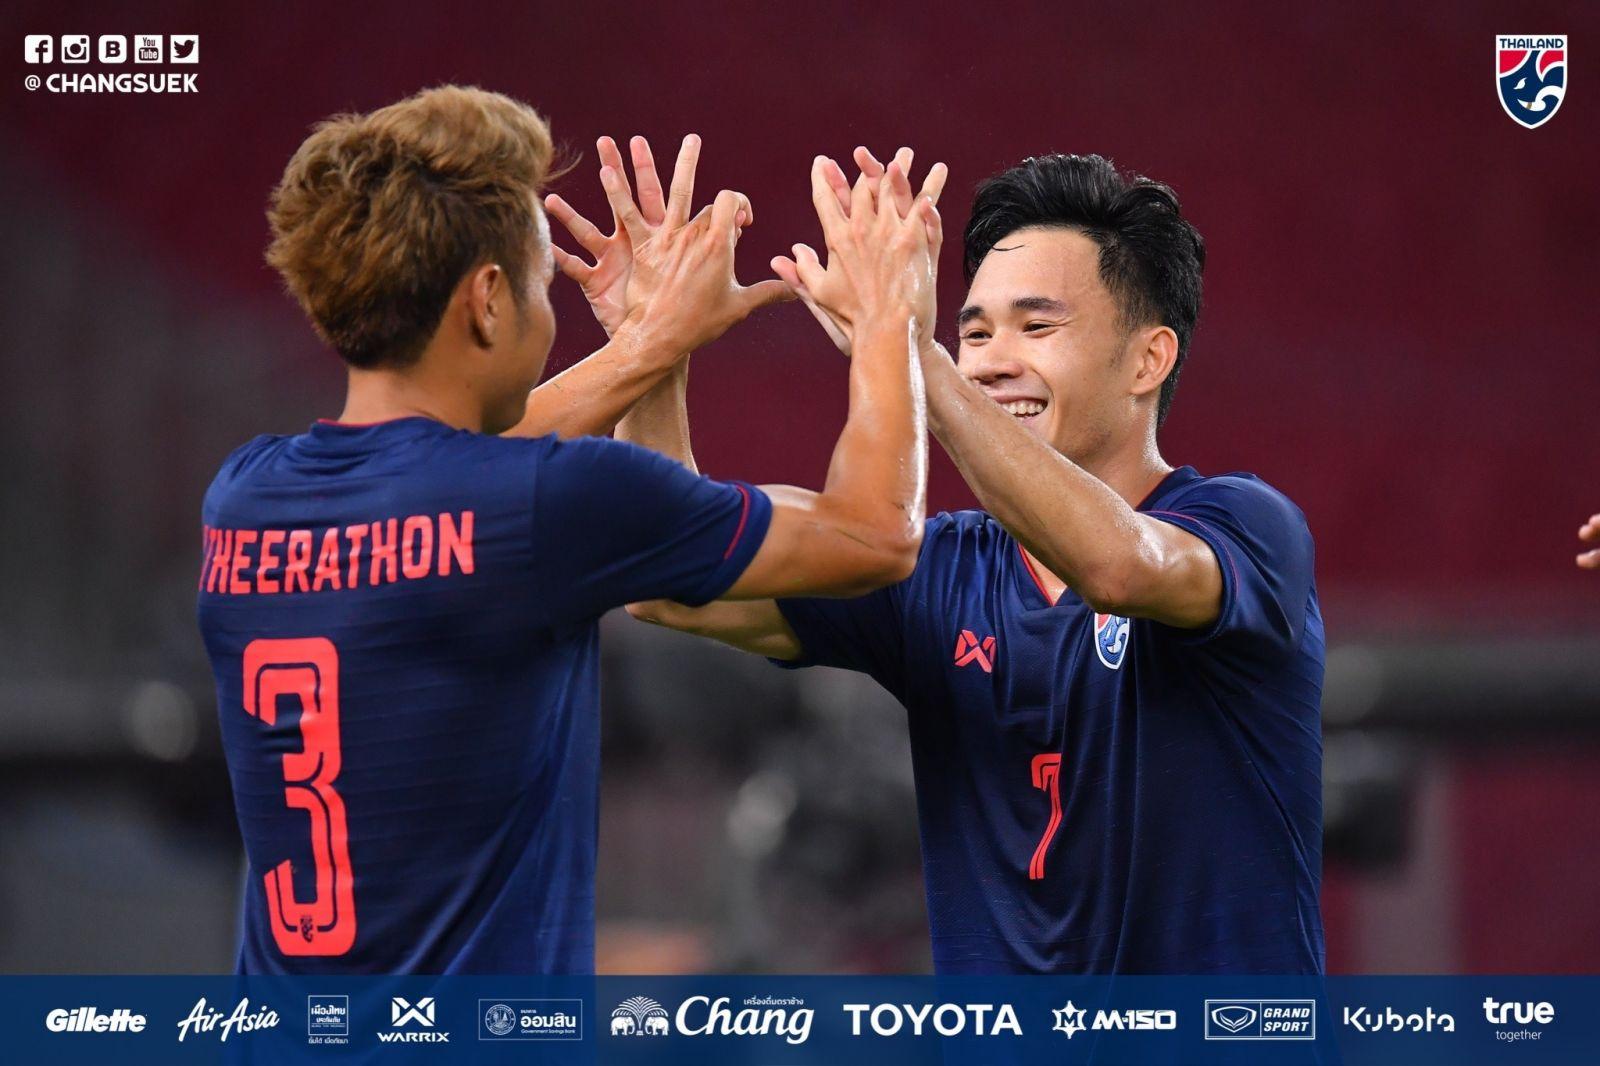 Supachok và Theerathon giúp Thái Lan giành chiến thắng.